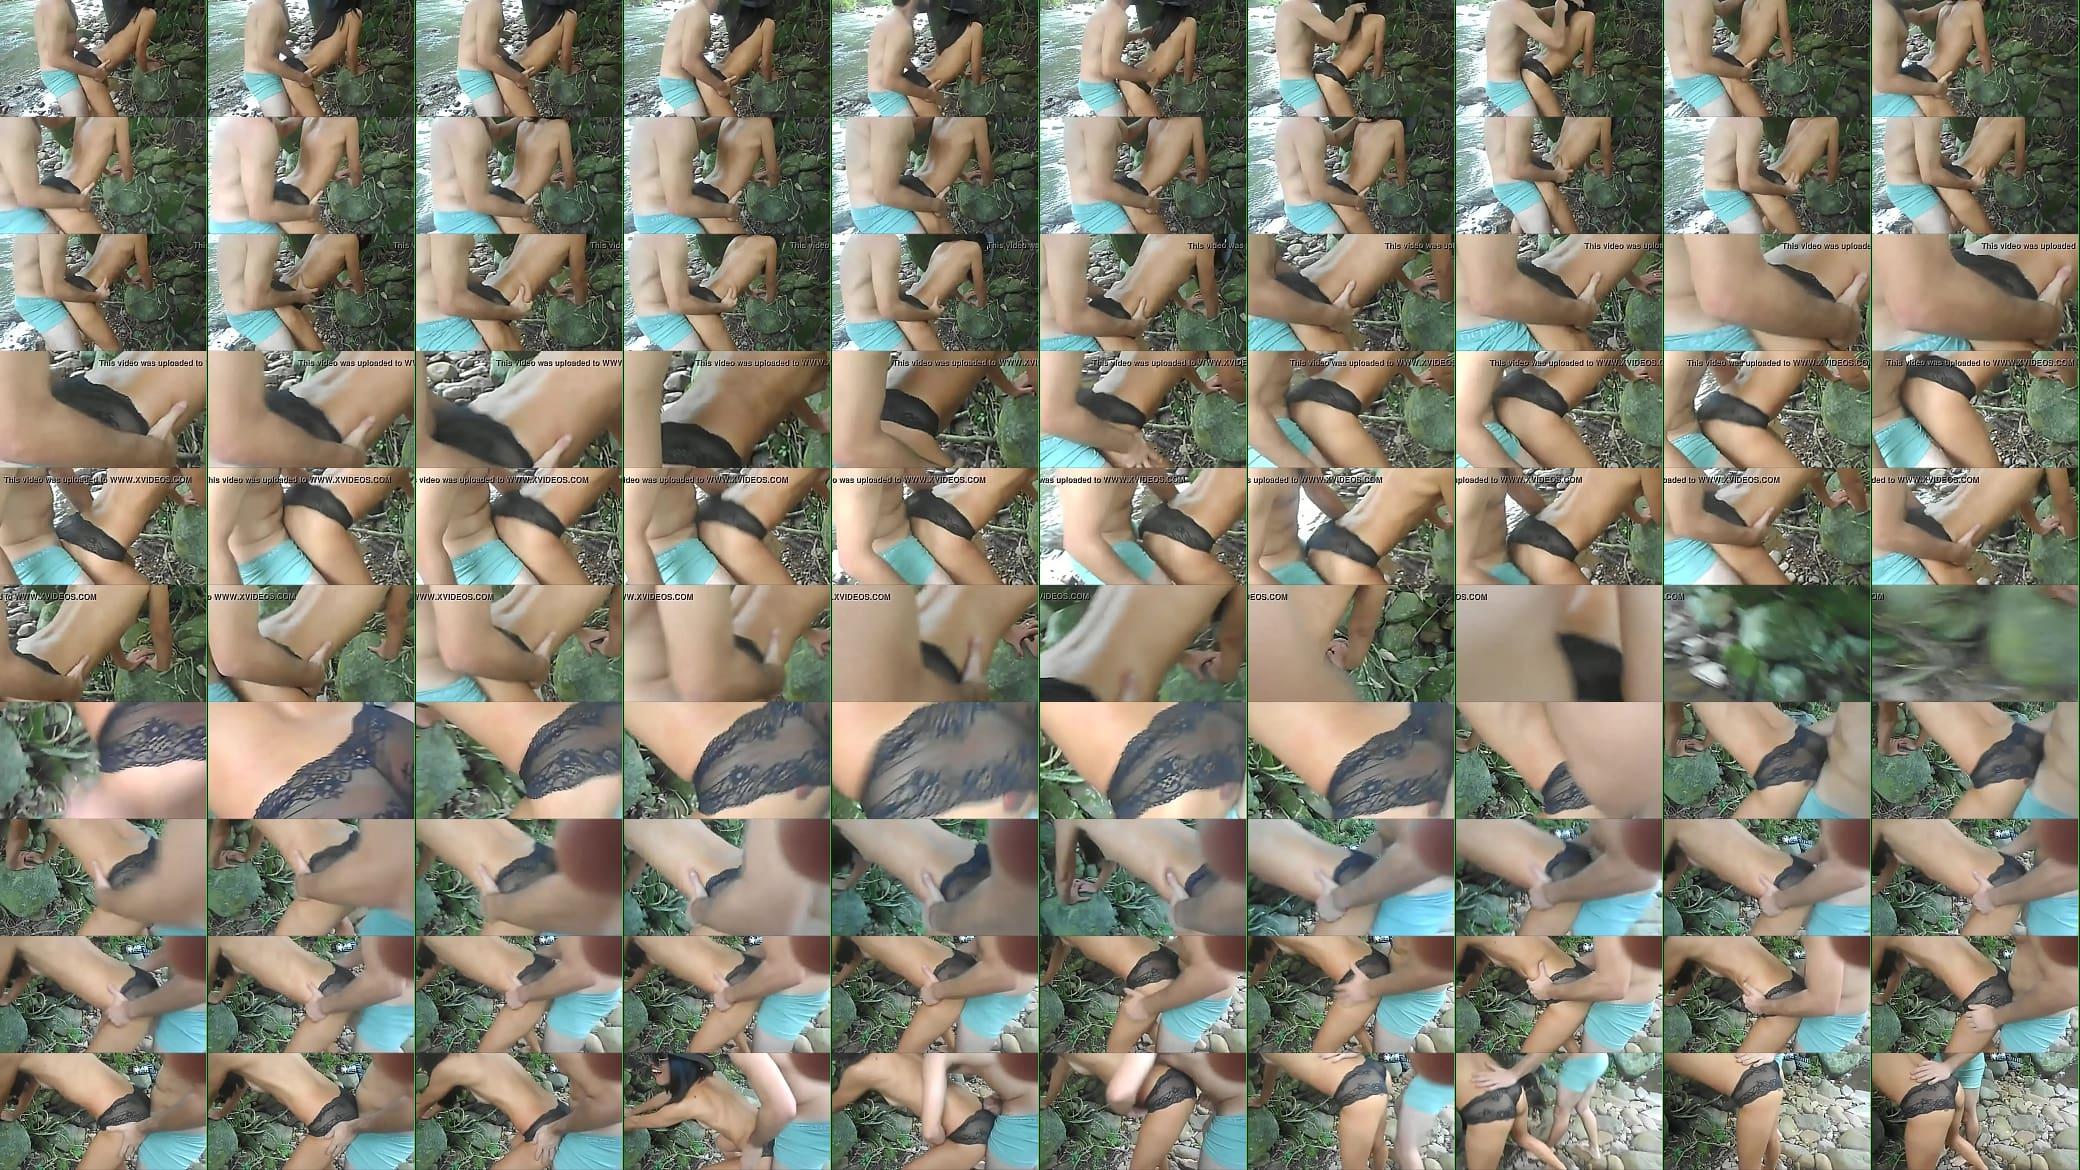 Canal Porno Lactofilia India na beira do rio - xvideos